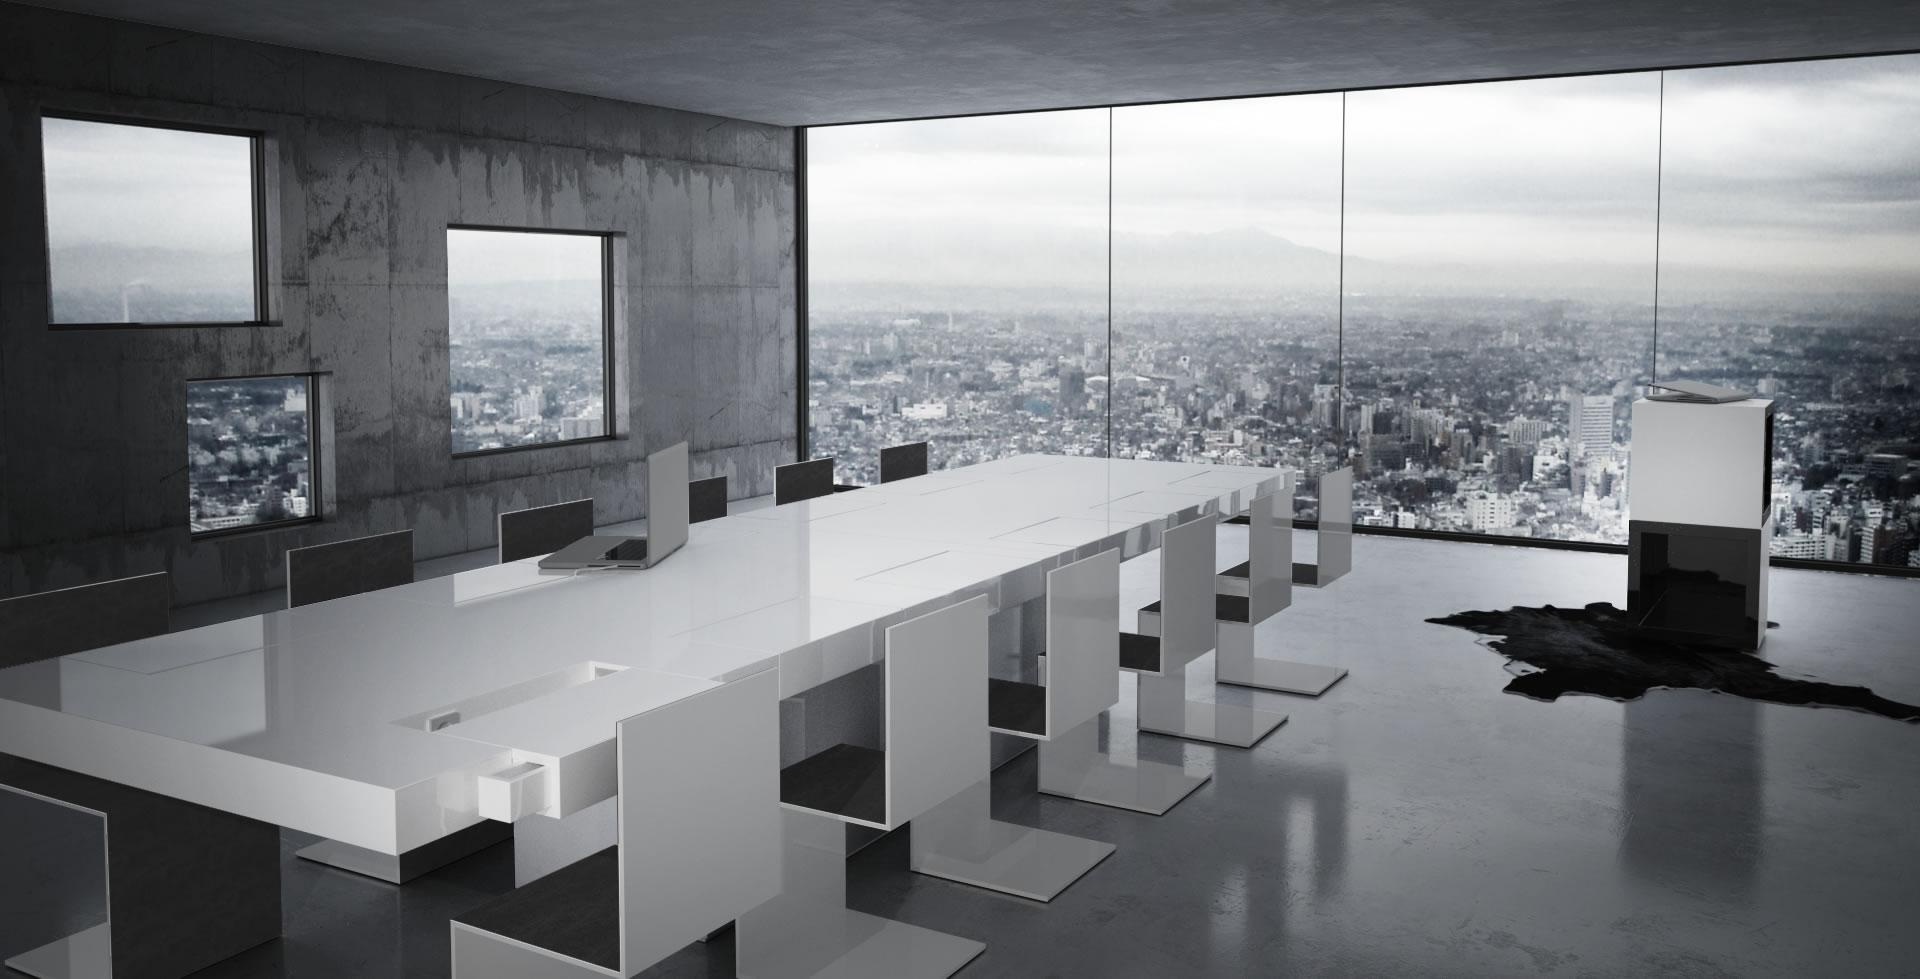 Konferenztisch conventus edler designer konferenztisch for Konferenztisch design